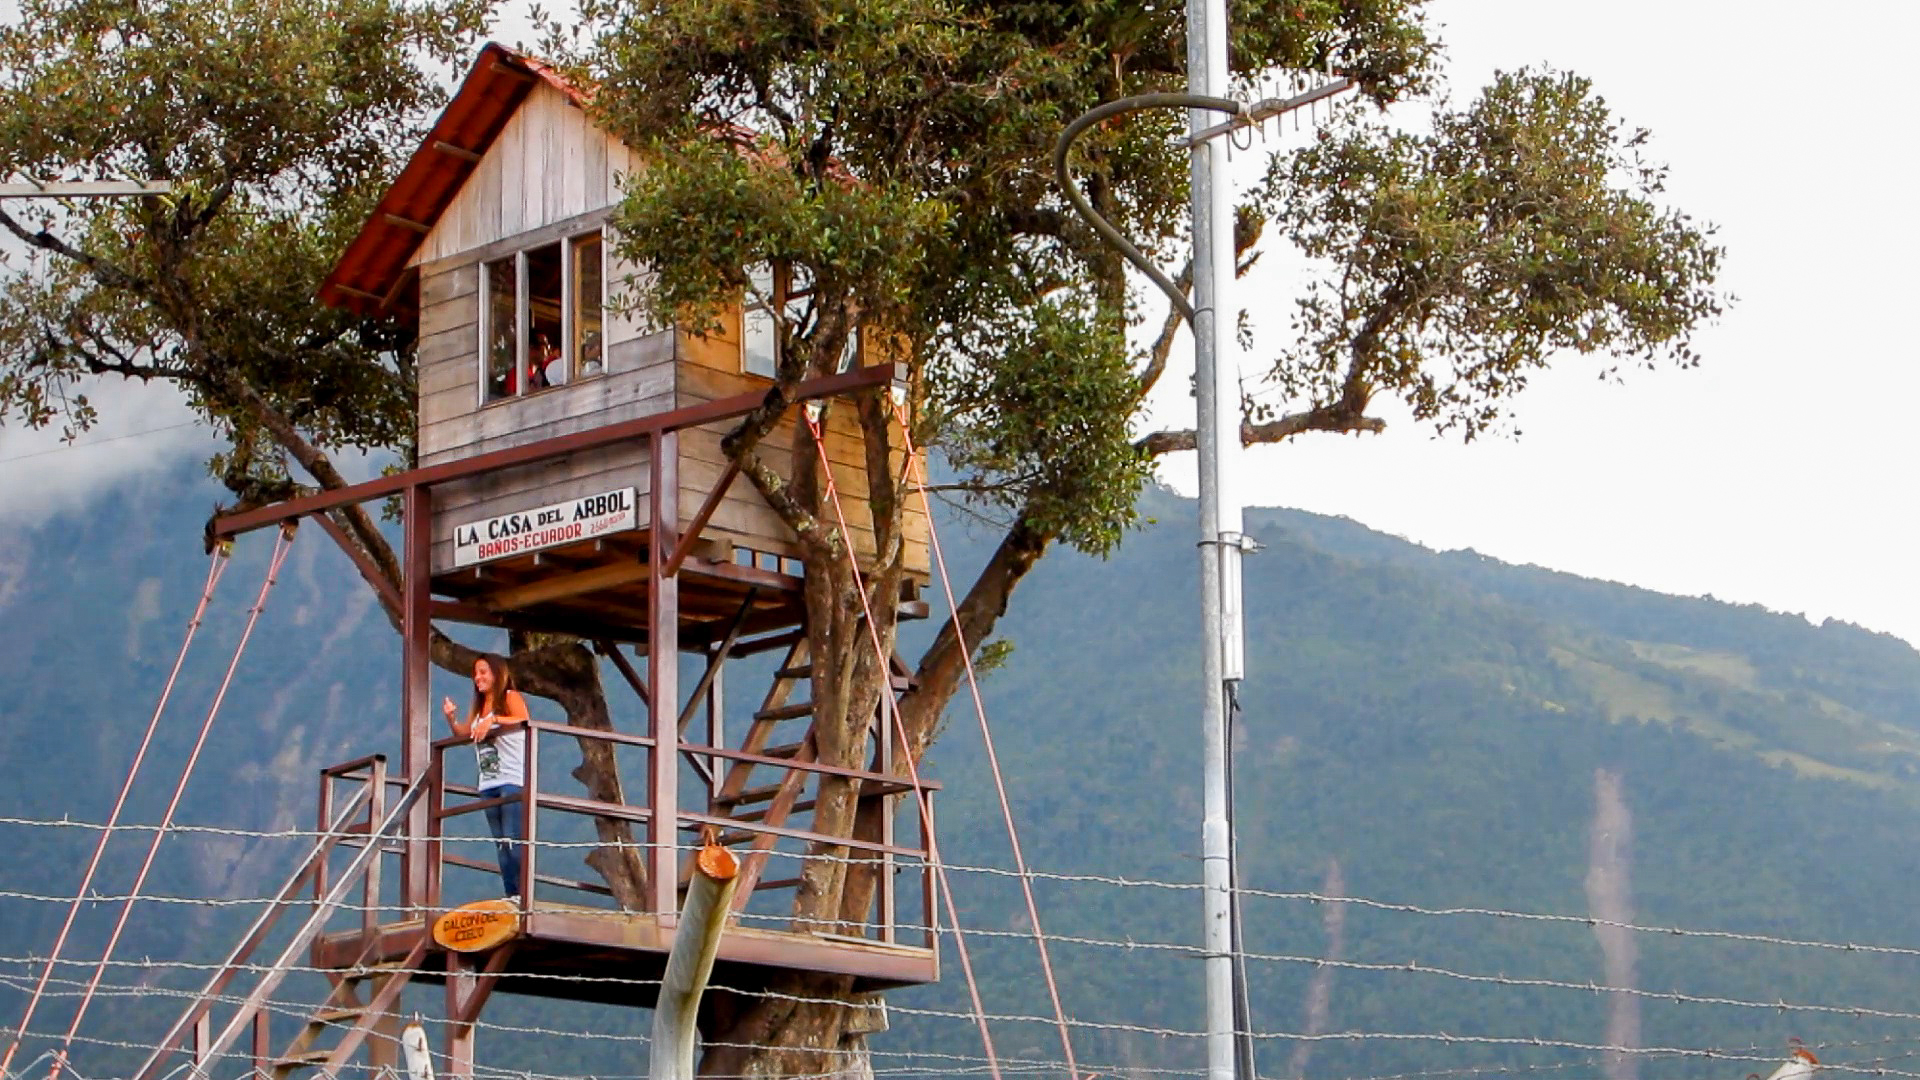 La casa del arbol ba os de agua santa en ecuador for Casa del arbol cuenca